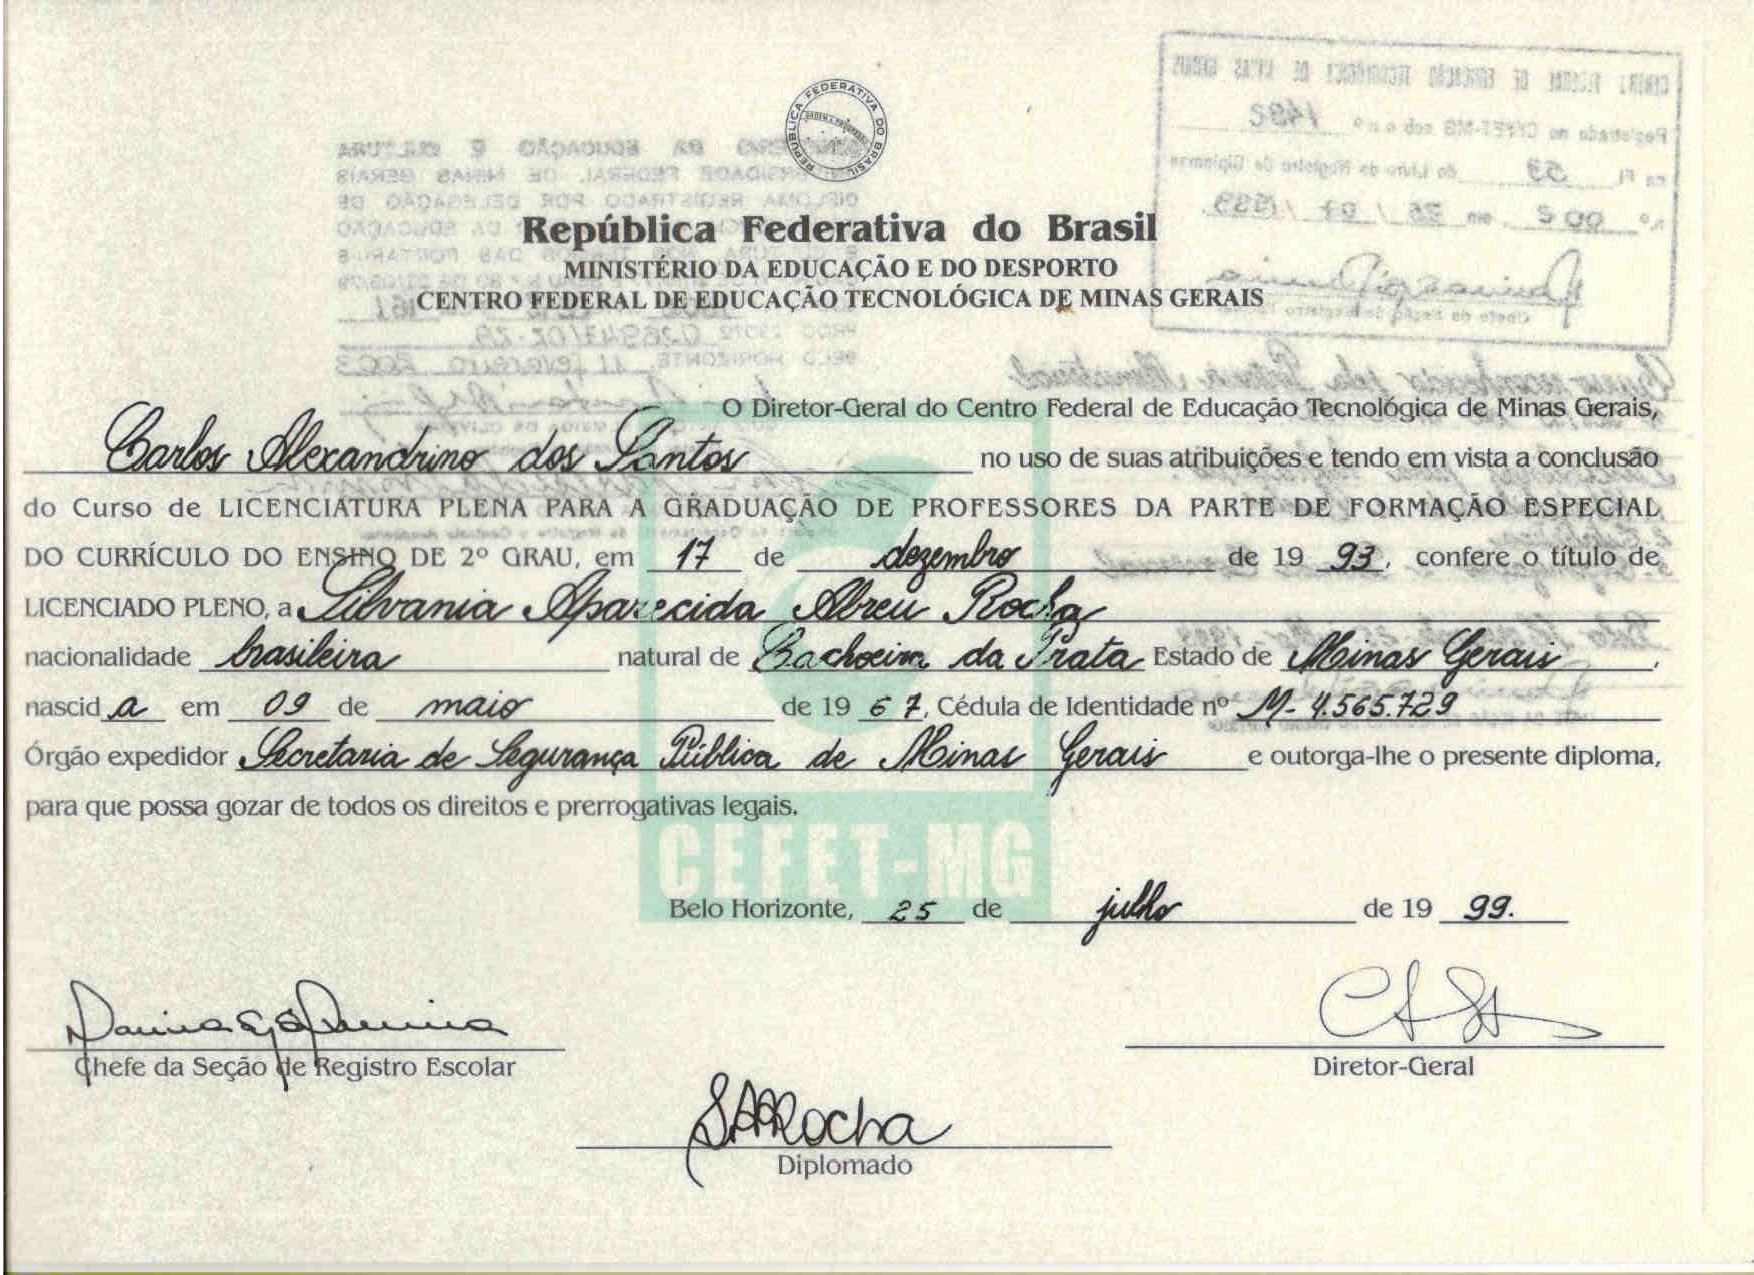 Certificado CEFET MG 1999 - Licenciatura Plena em Contabilidade de Custos, Contabilidade Geral e Estatística nível Pós Graduação